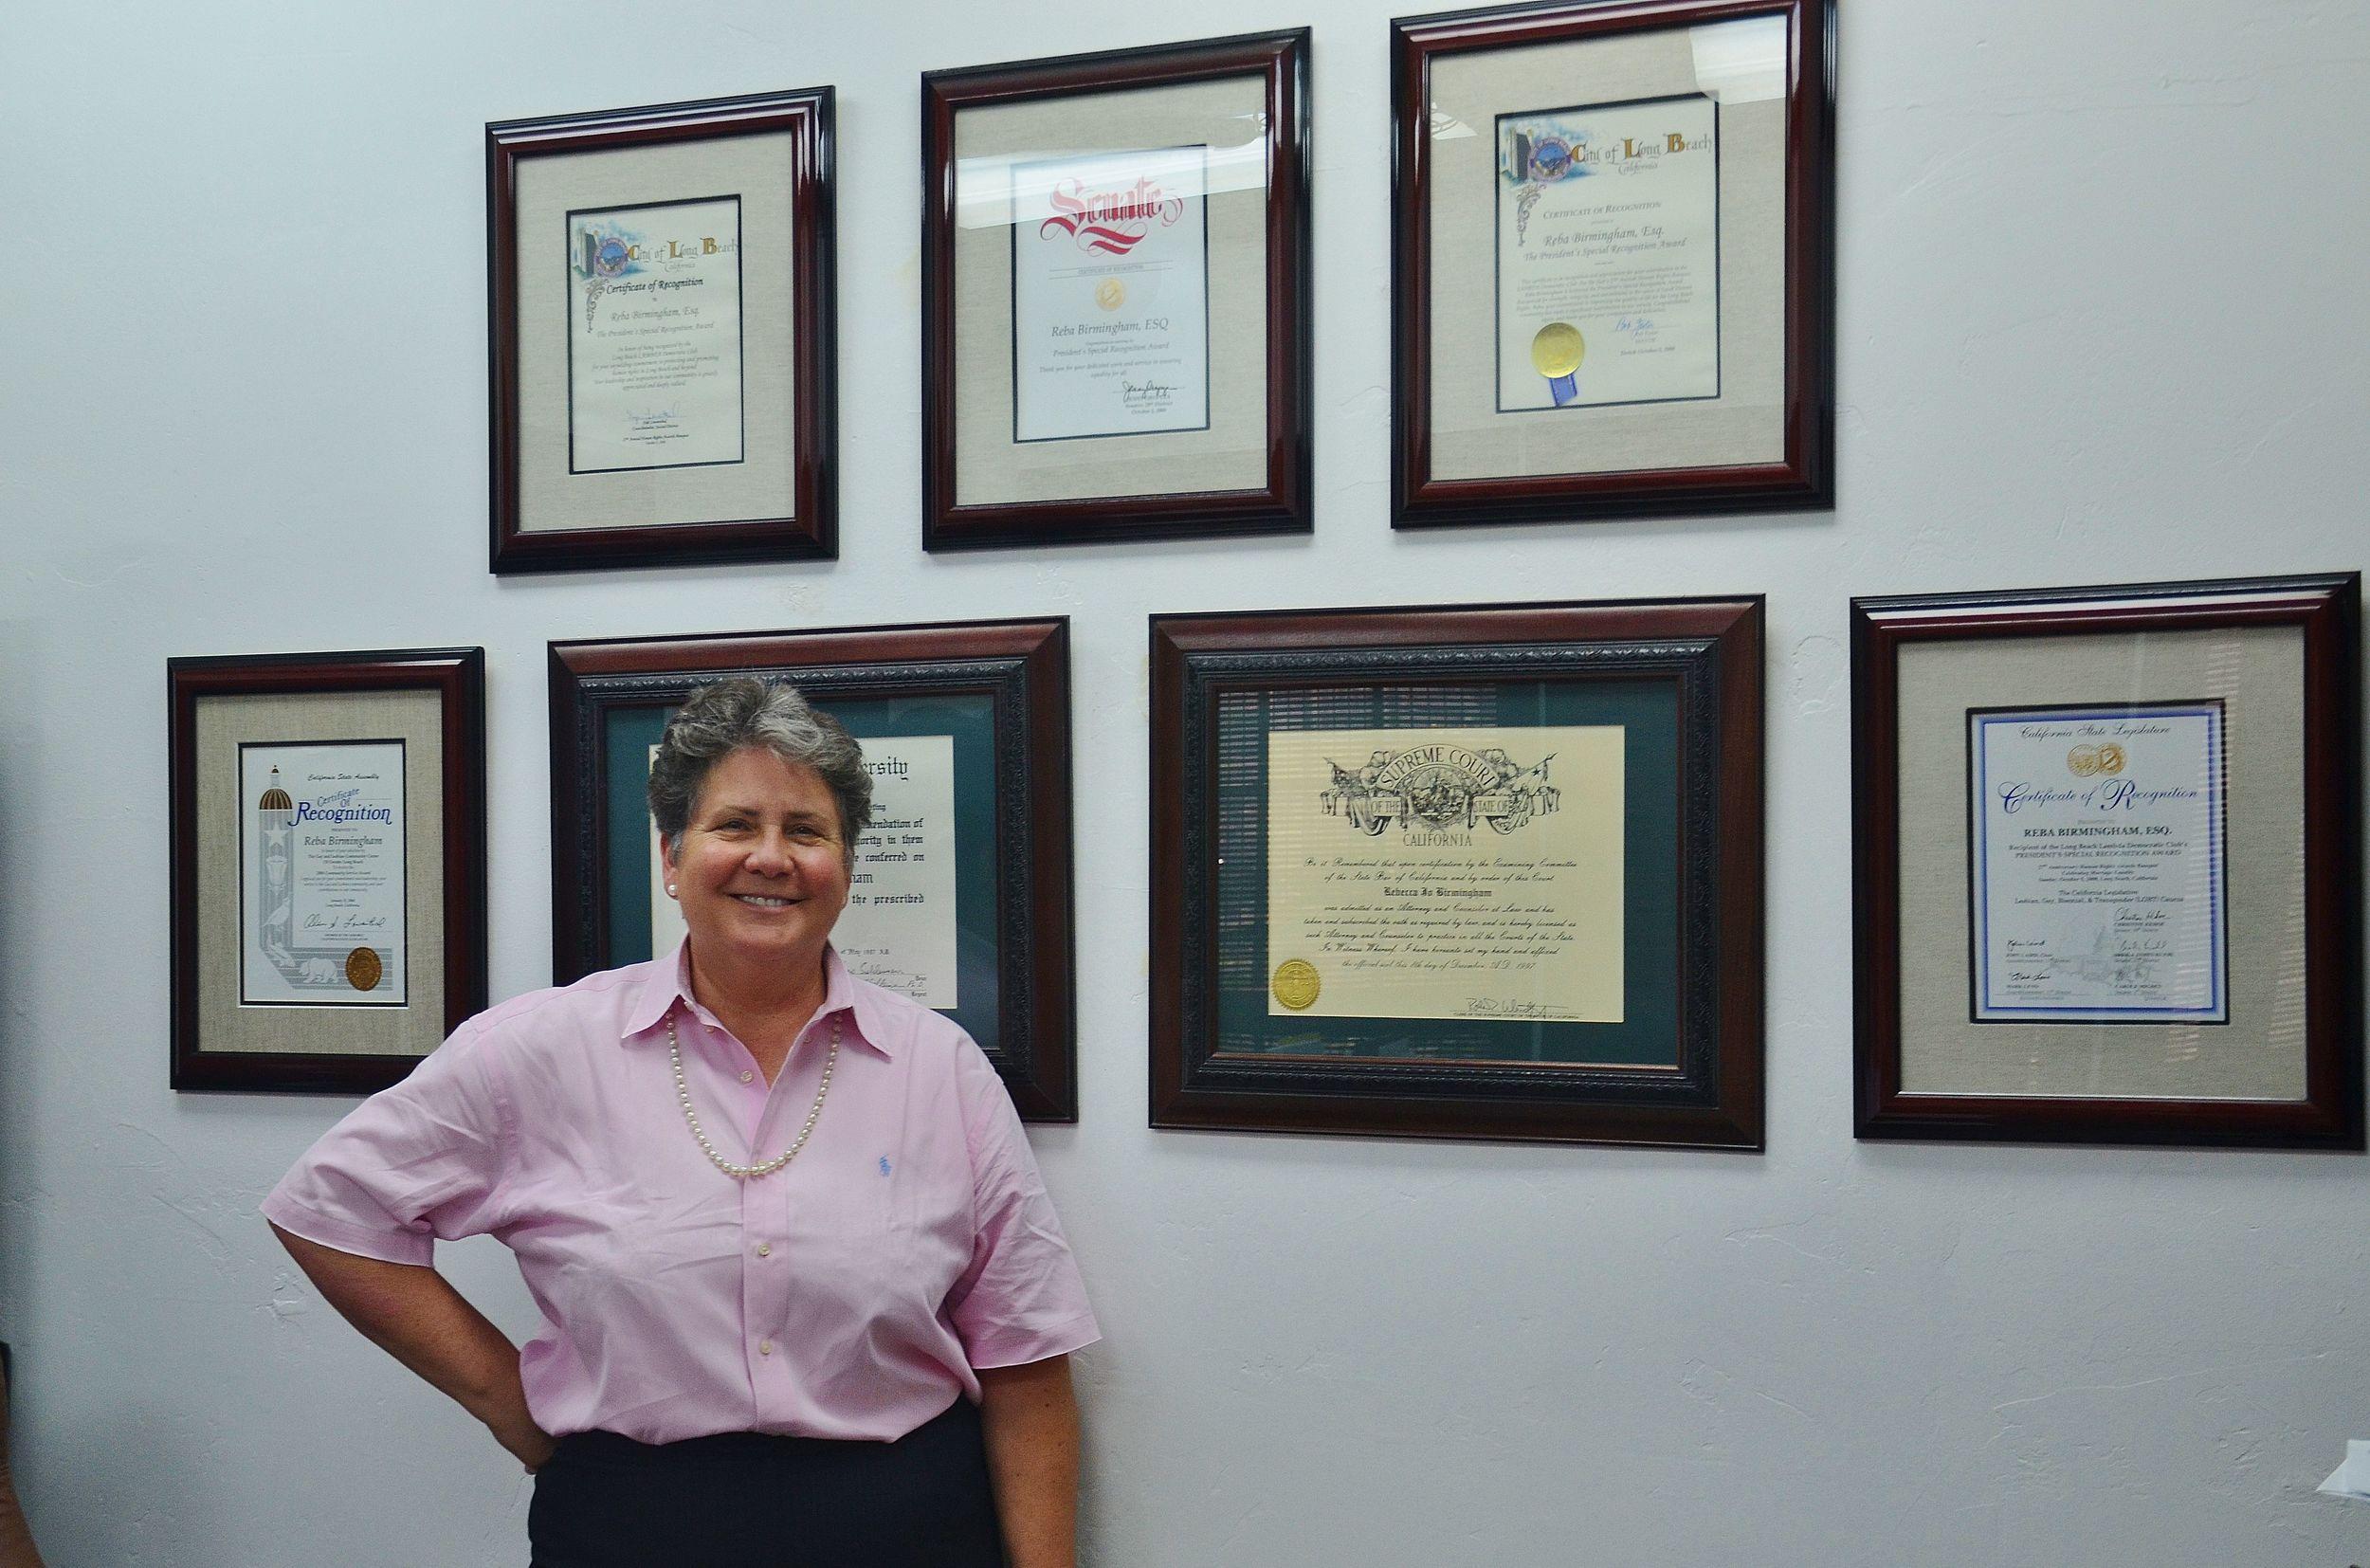 Rebecca Birmingham attorney LB law